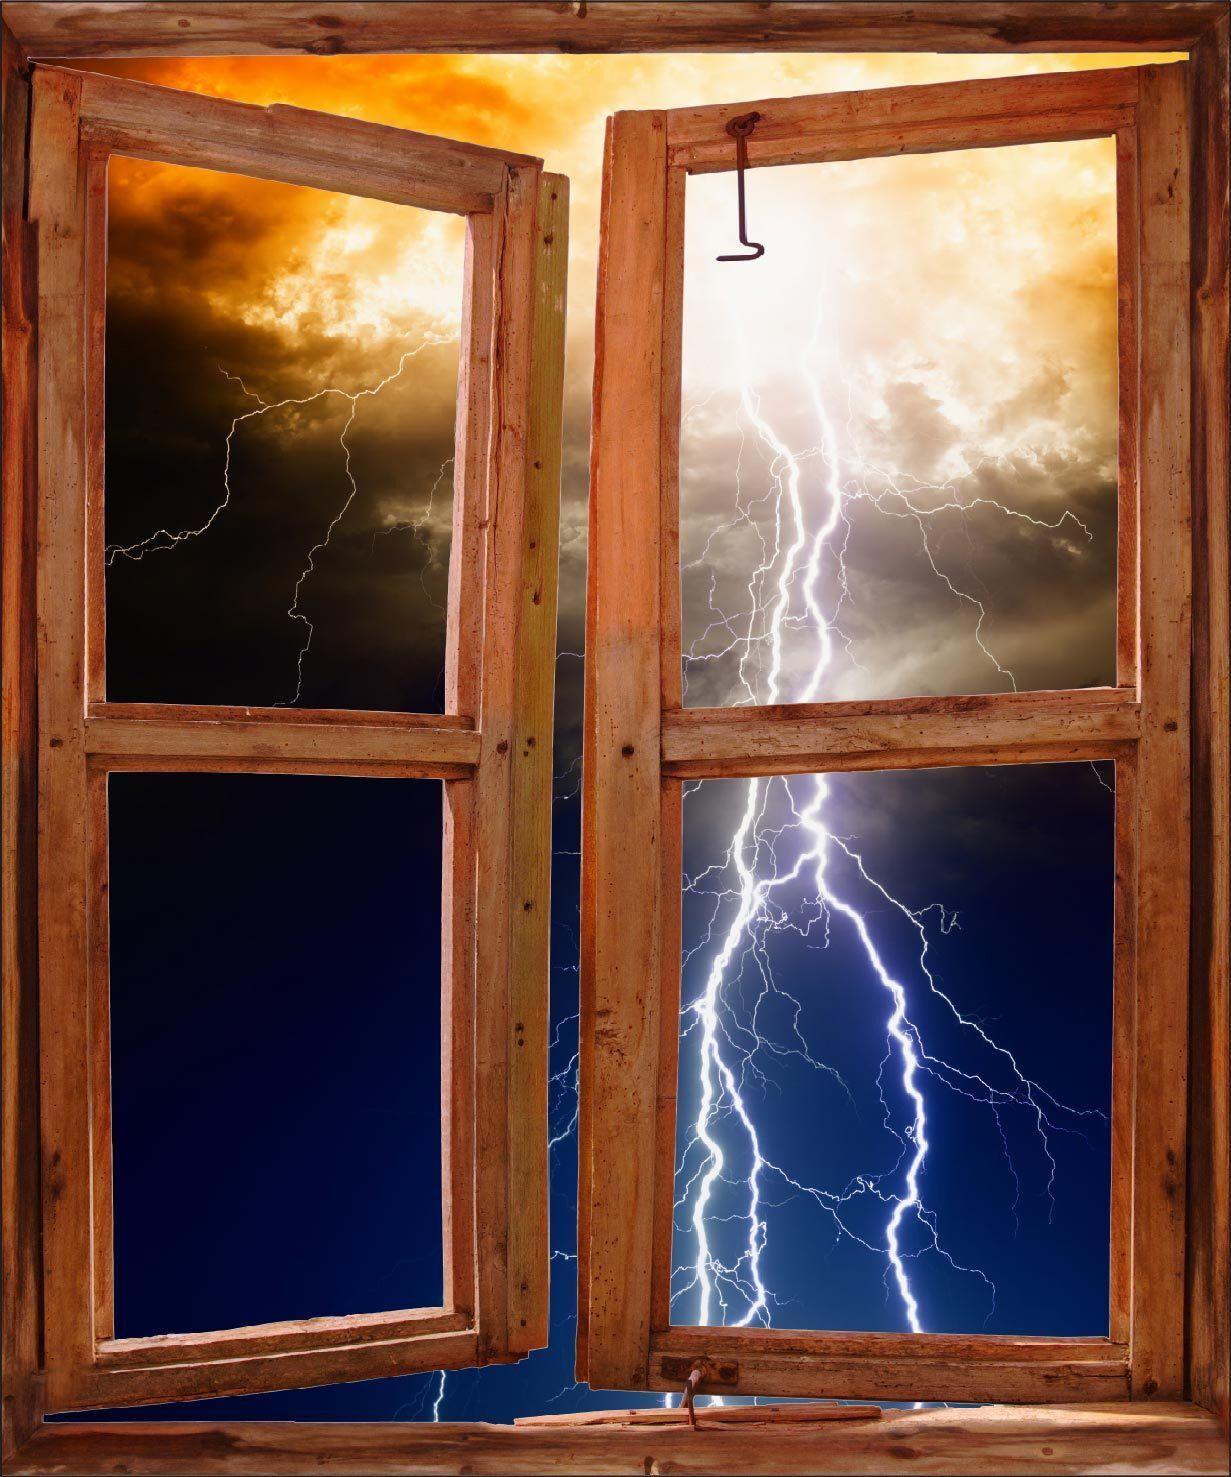 Aufkleber Fenster Schein Auge Deko Blitze Ref 5222